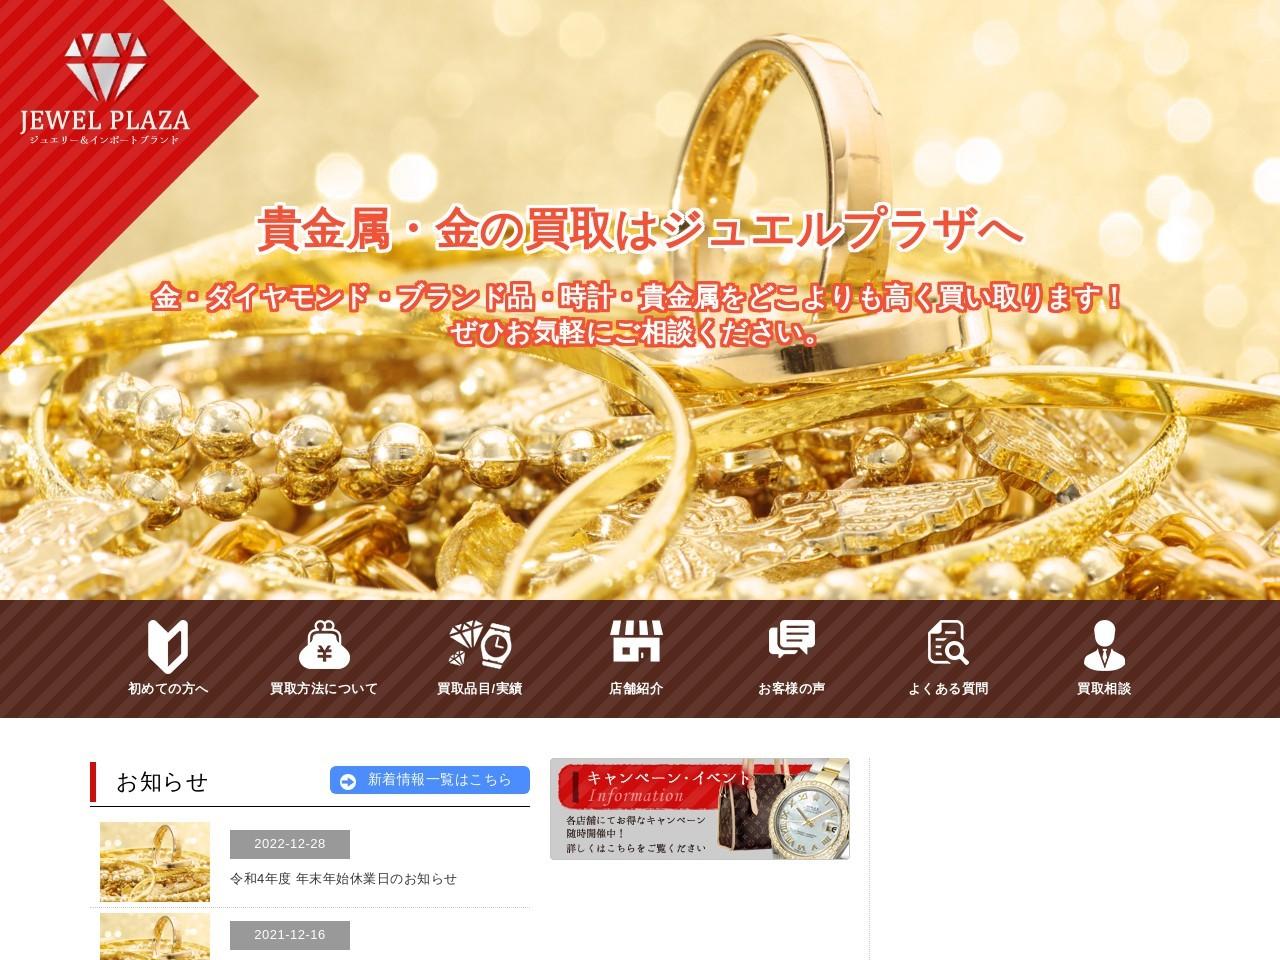 金・ダイヤ・ブランド品・時計・貴金属買取のジュエルプラザ